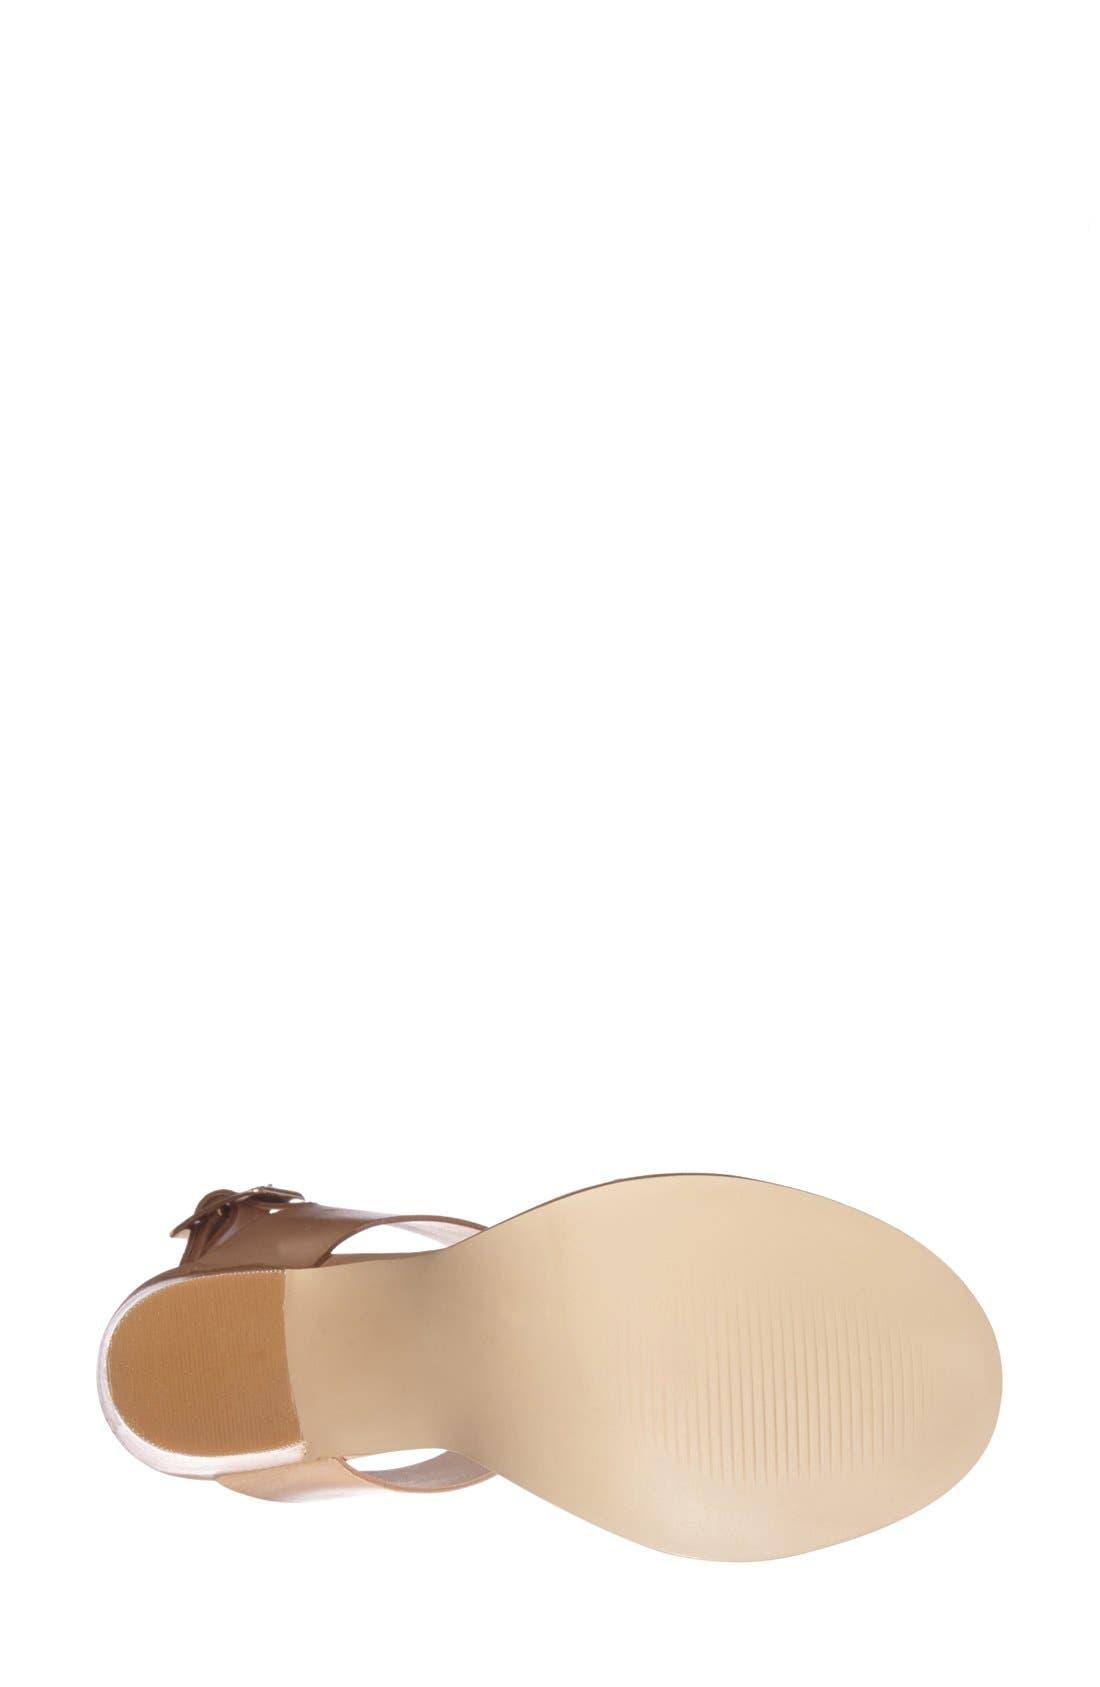 Alternate Image 4  - Steve Madden 'Blaair' Leather Slingback Sandal (Women)